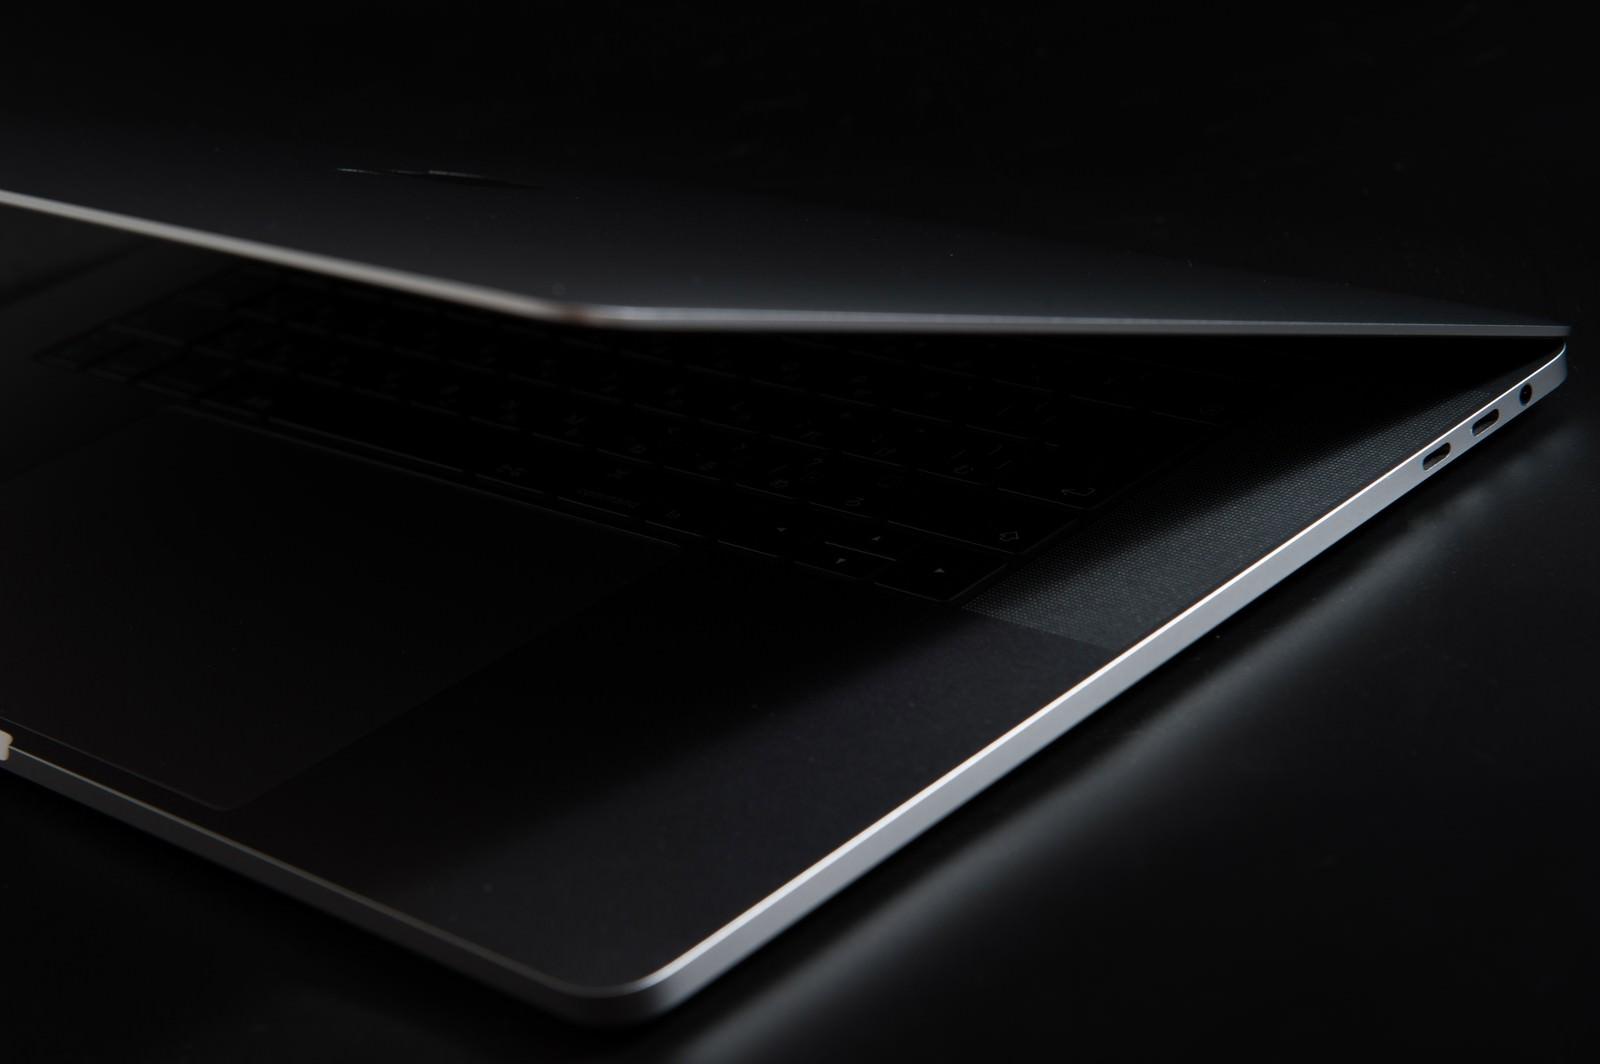 「薄さ際立つノートパソコン | 写真の無料素材・フリー素材 - ぱくたそ」の写真